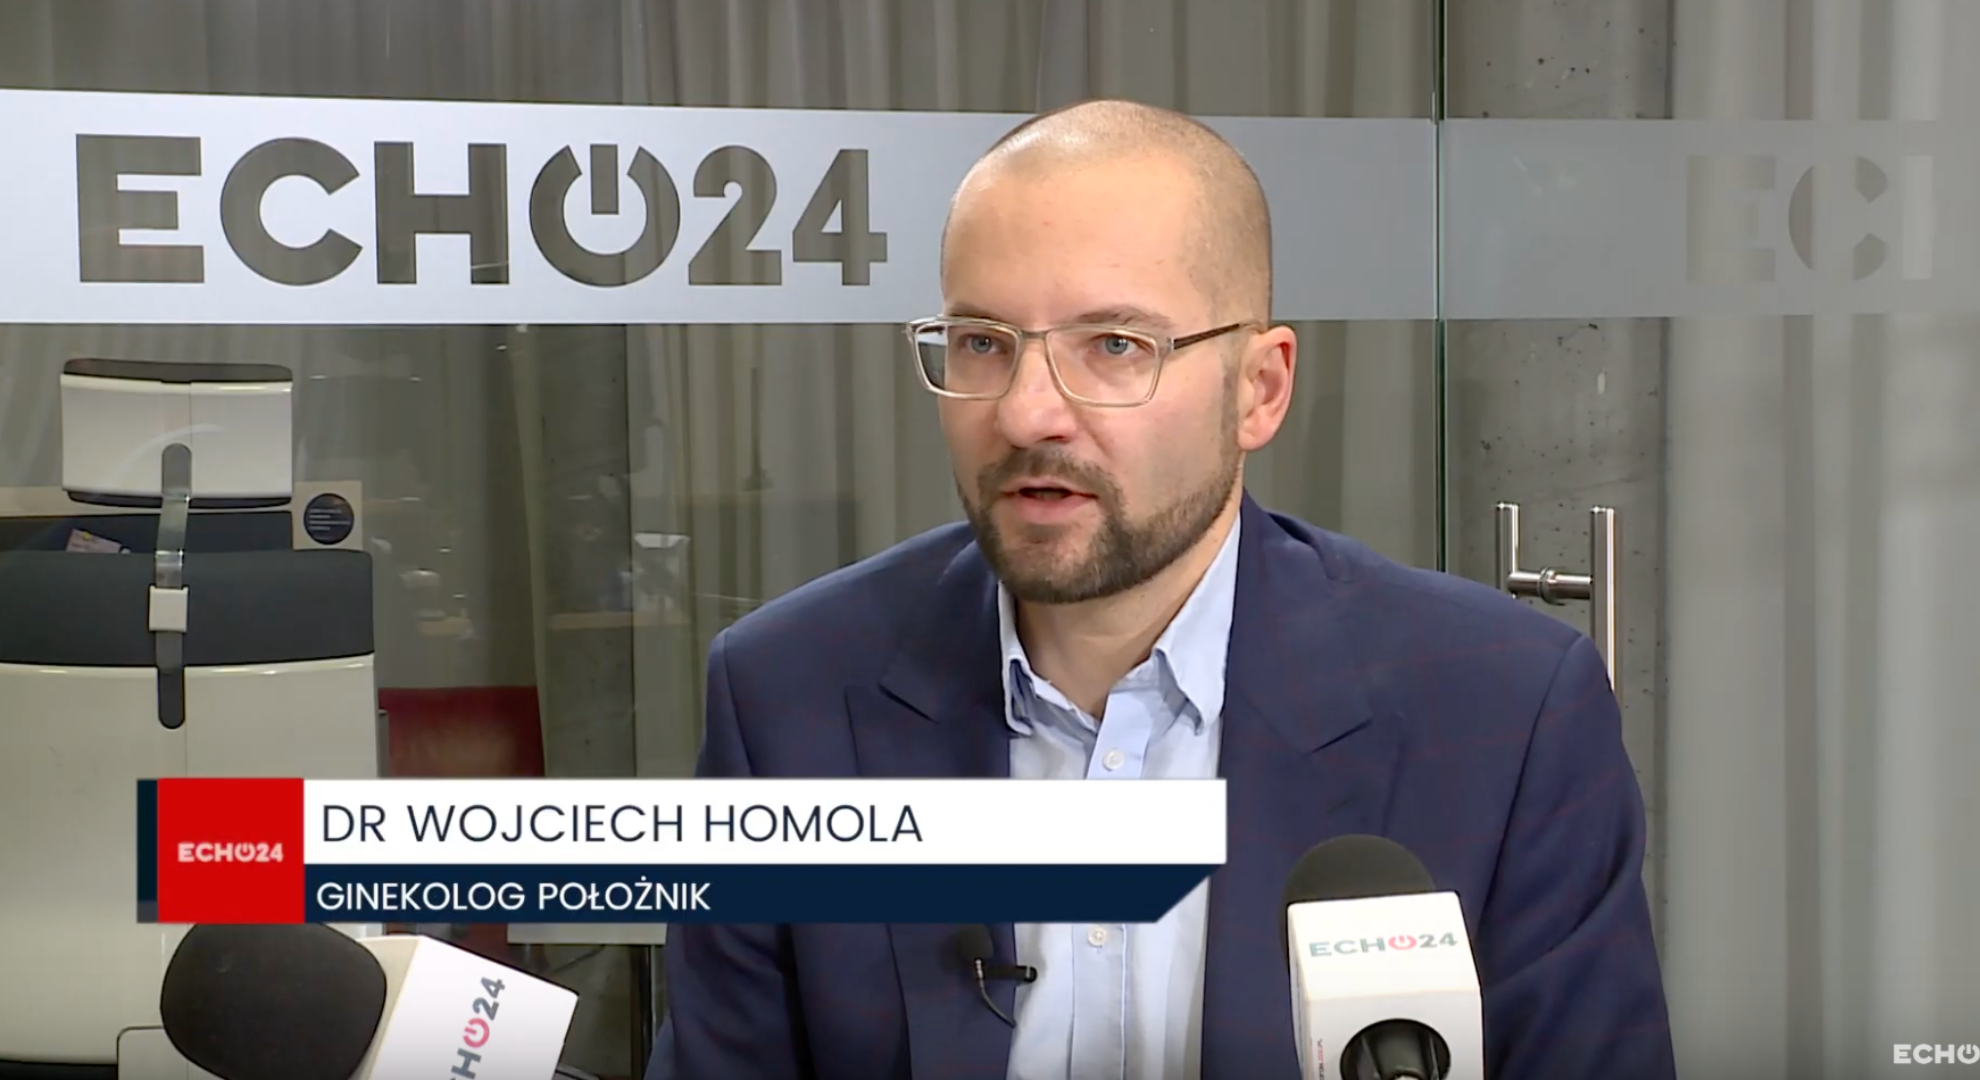 dr Wojciech Homola w telewizji Echo 24, mówi o profilaktyce dotyczącej szyjki macicy, FemiMea